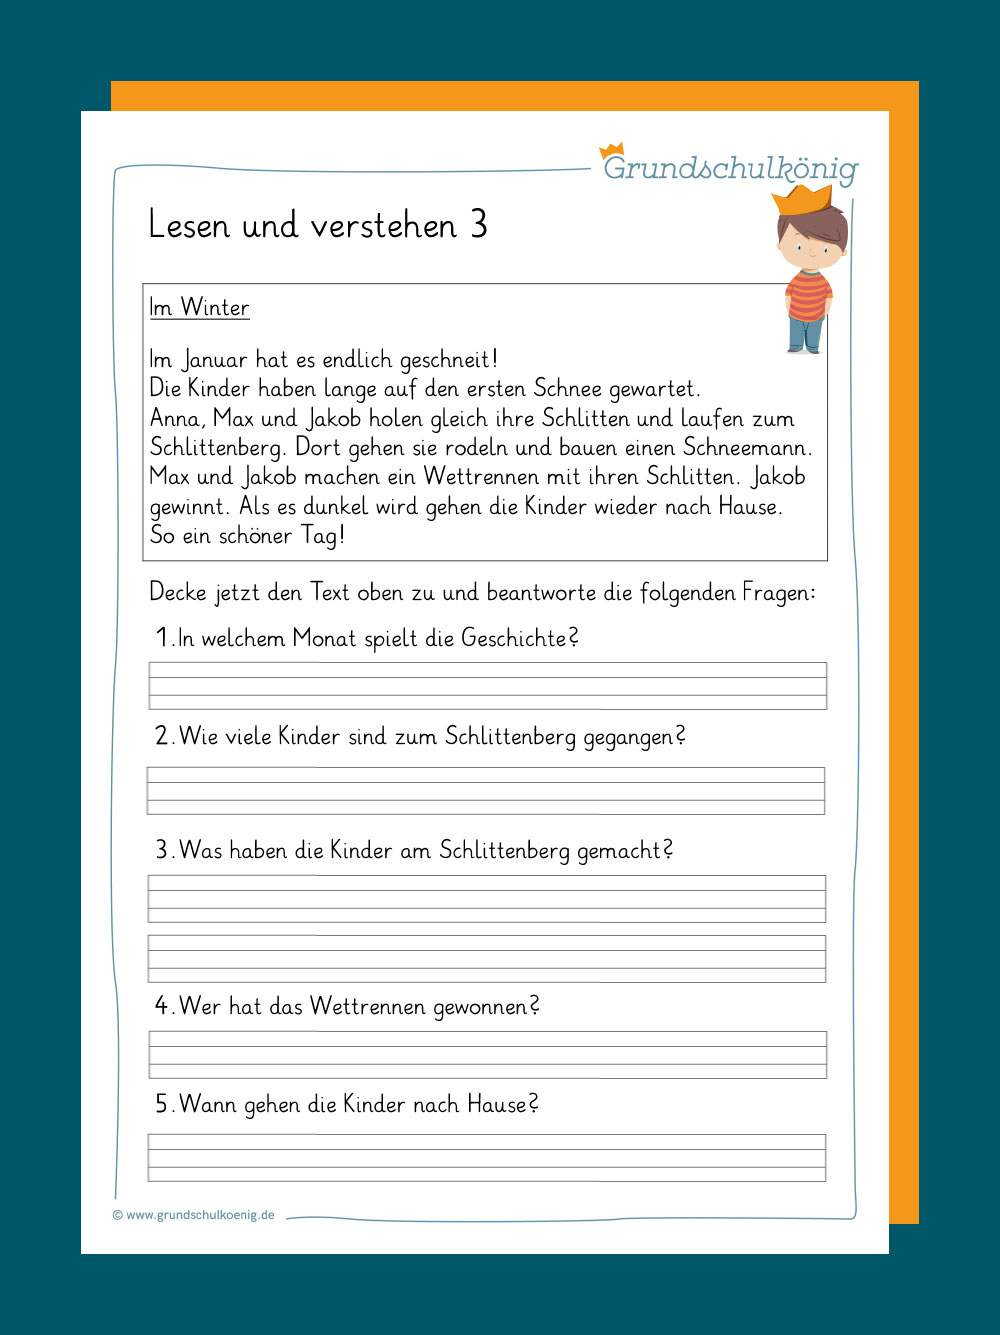 Text Lesen Und Fragen Beantworten 3 Klasse - kinderbilder